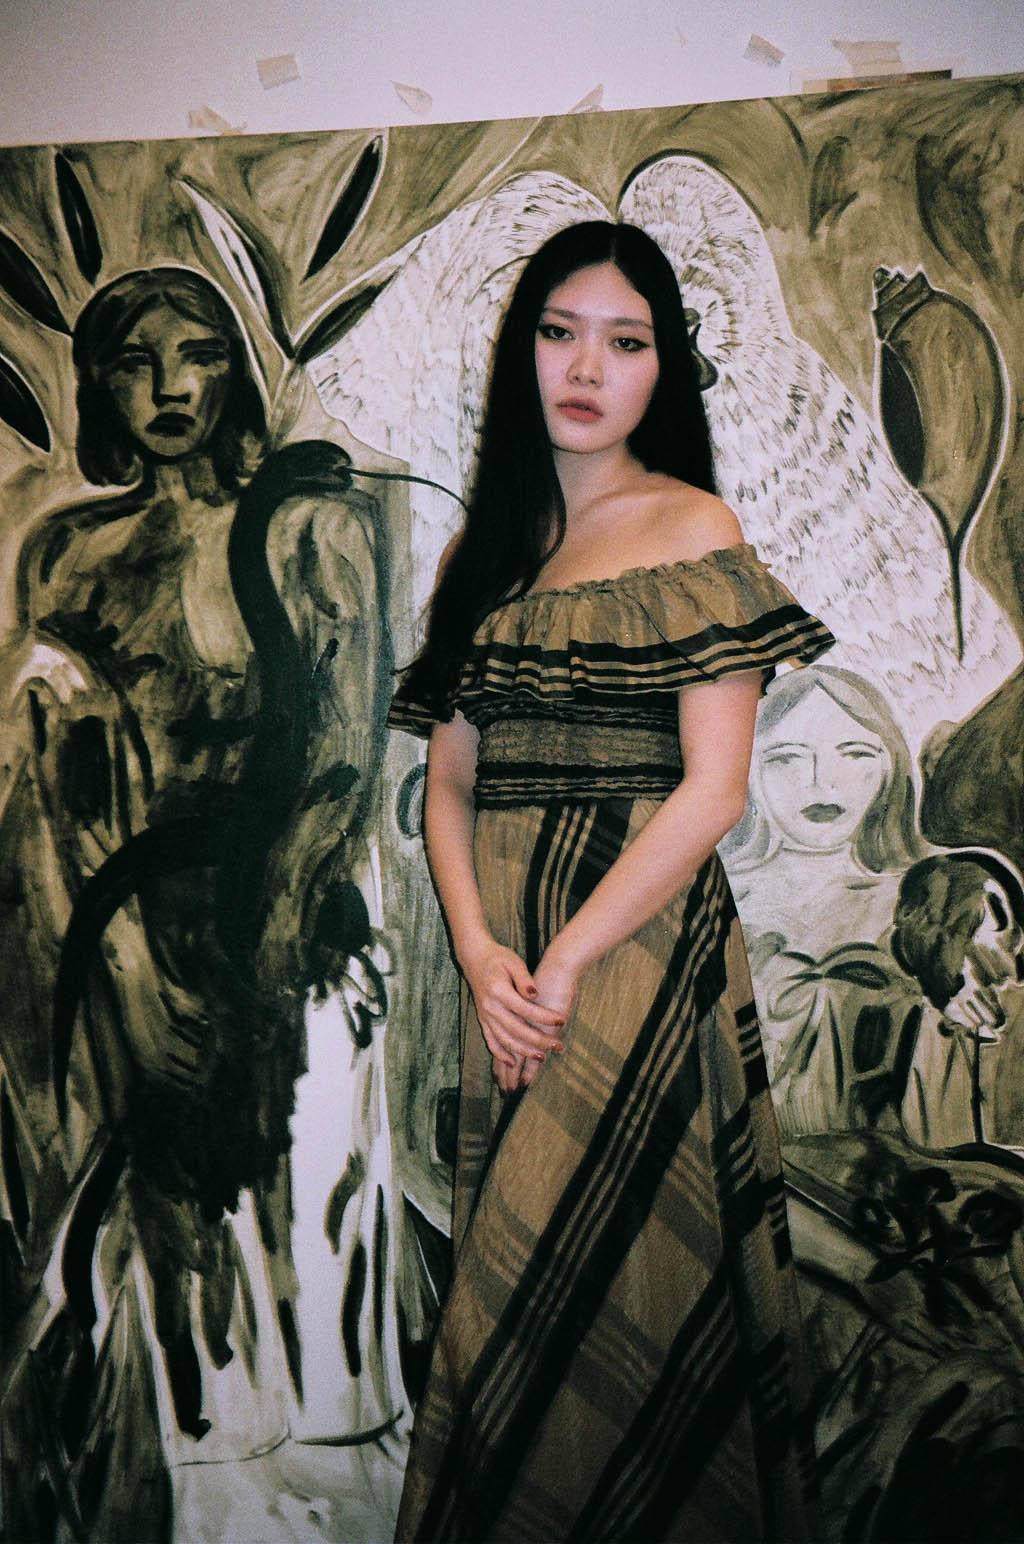 Faye Wei Wei London art studio interview